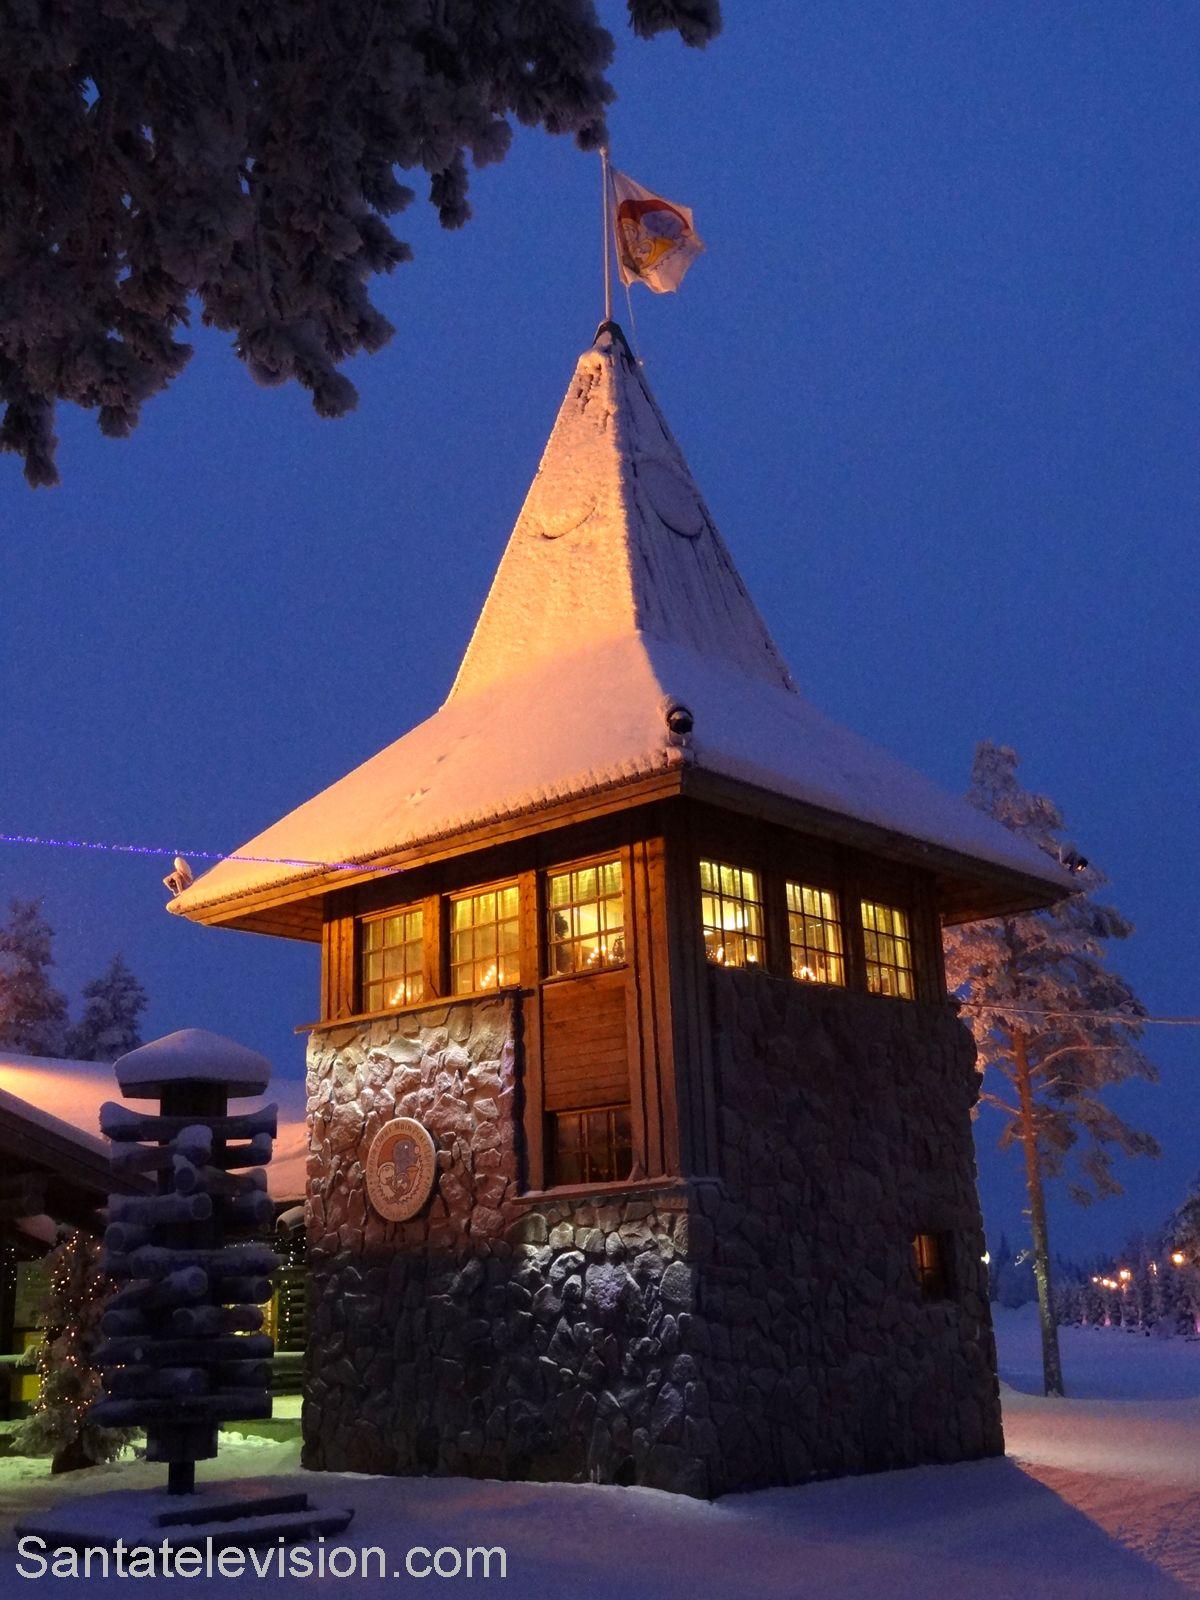 Ufficio Postale Centrale di Babbo Natale al Villaggio di Babbo Natale a Rovaniemi in Lapponia